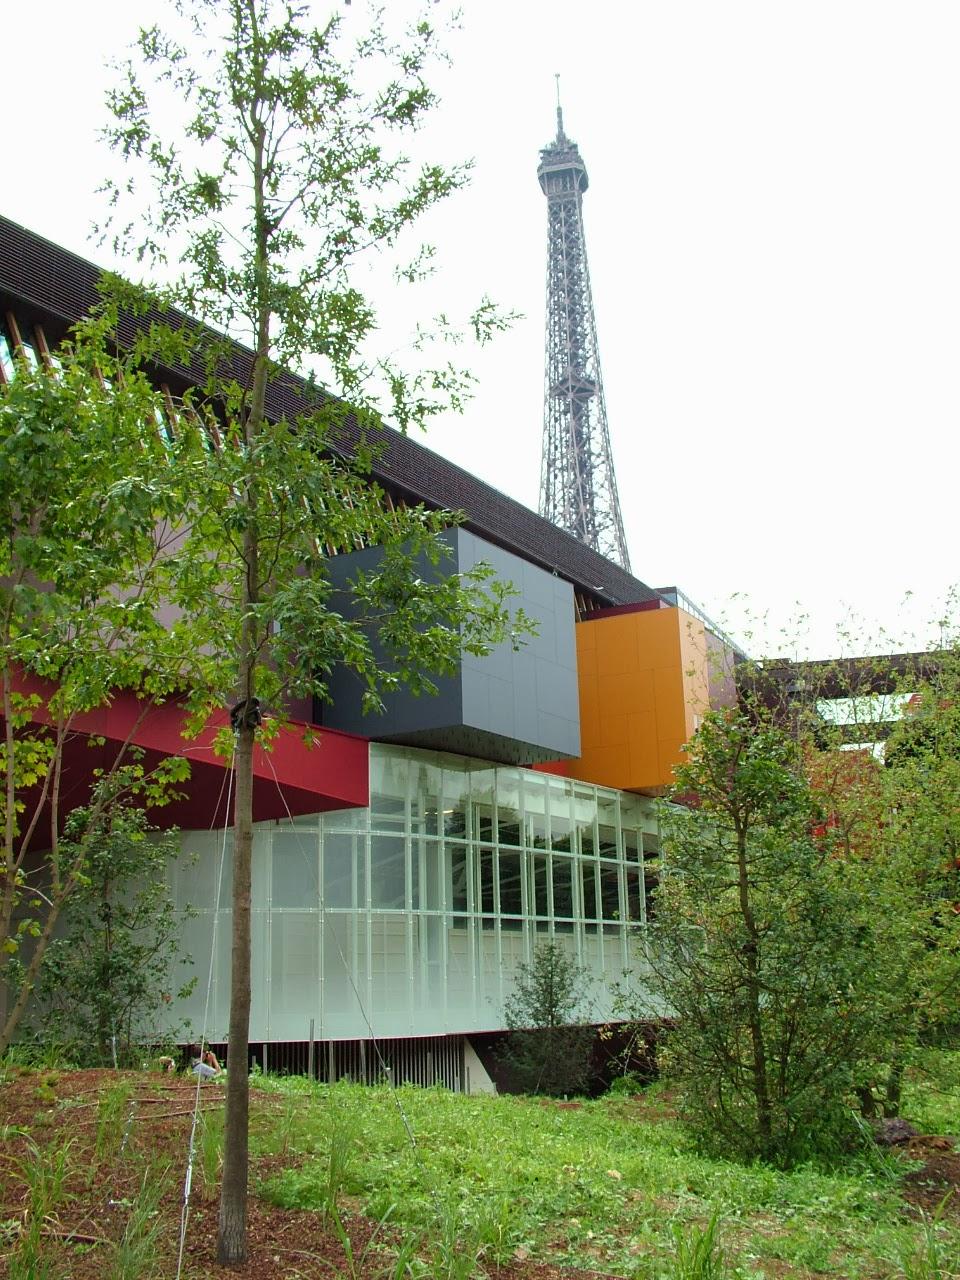 Lettera13 giardini verticali - Pannelli per giardini verticali ...